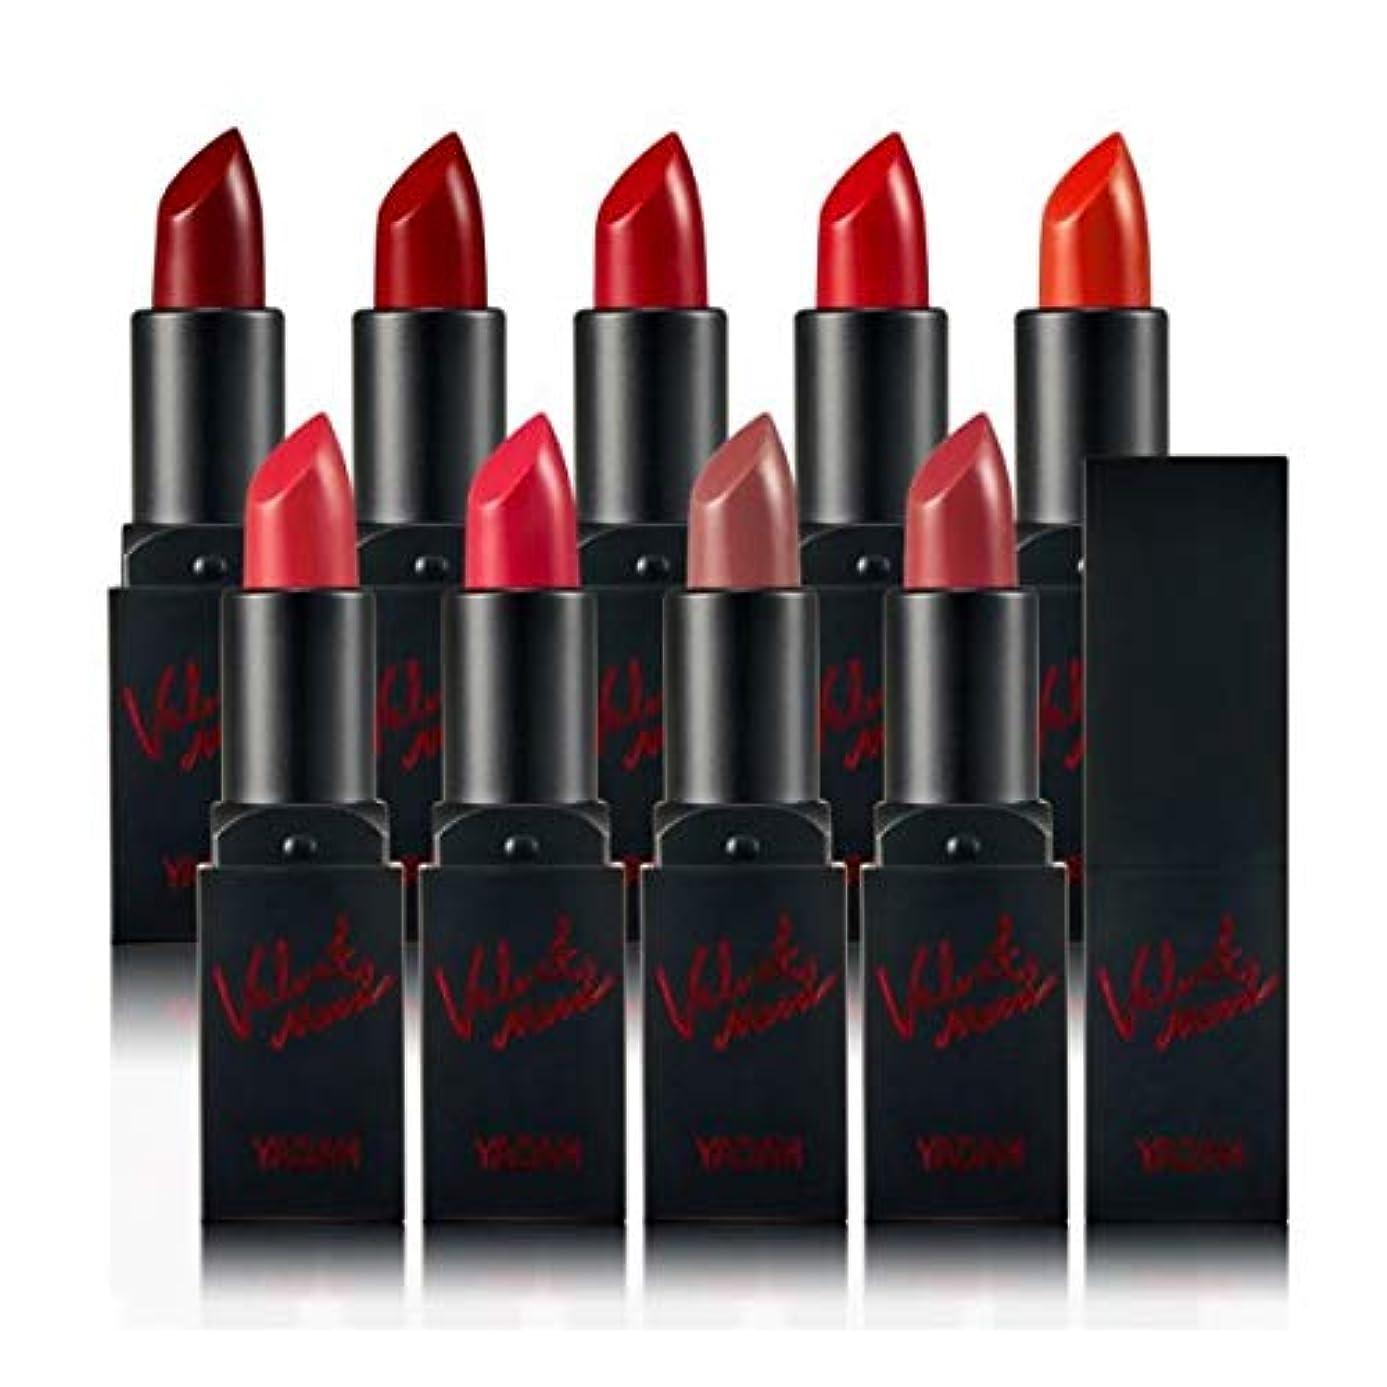 むしろ生き残ります肘YADAH Velvet Mood Lipstick #03 Chic Crimson 3.3g ベルベットムードマットリップスティック - 3.3g[並行輸入品]